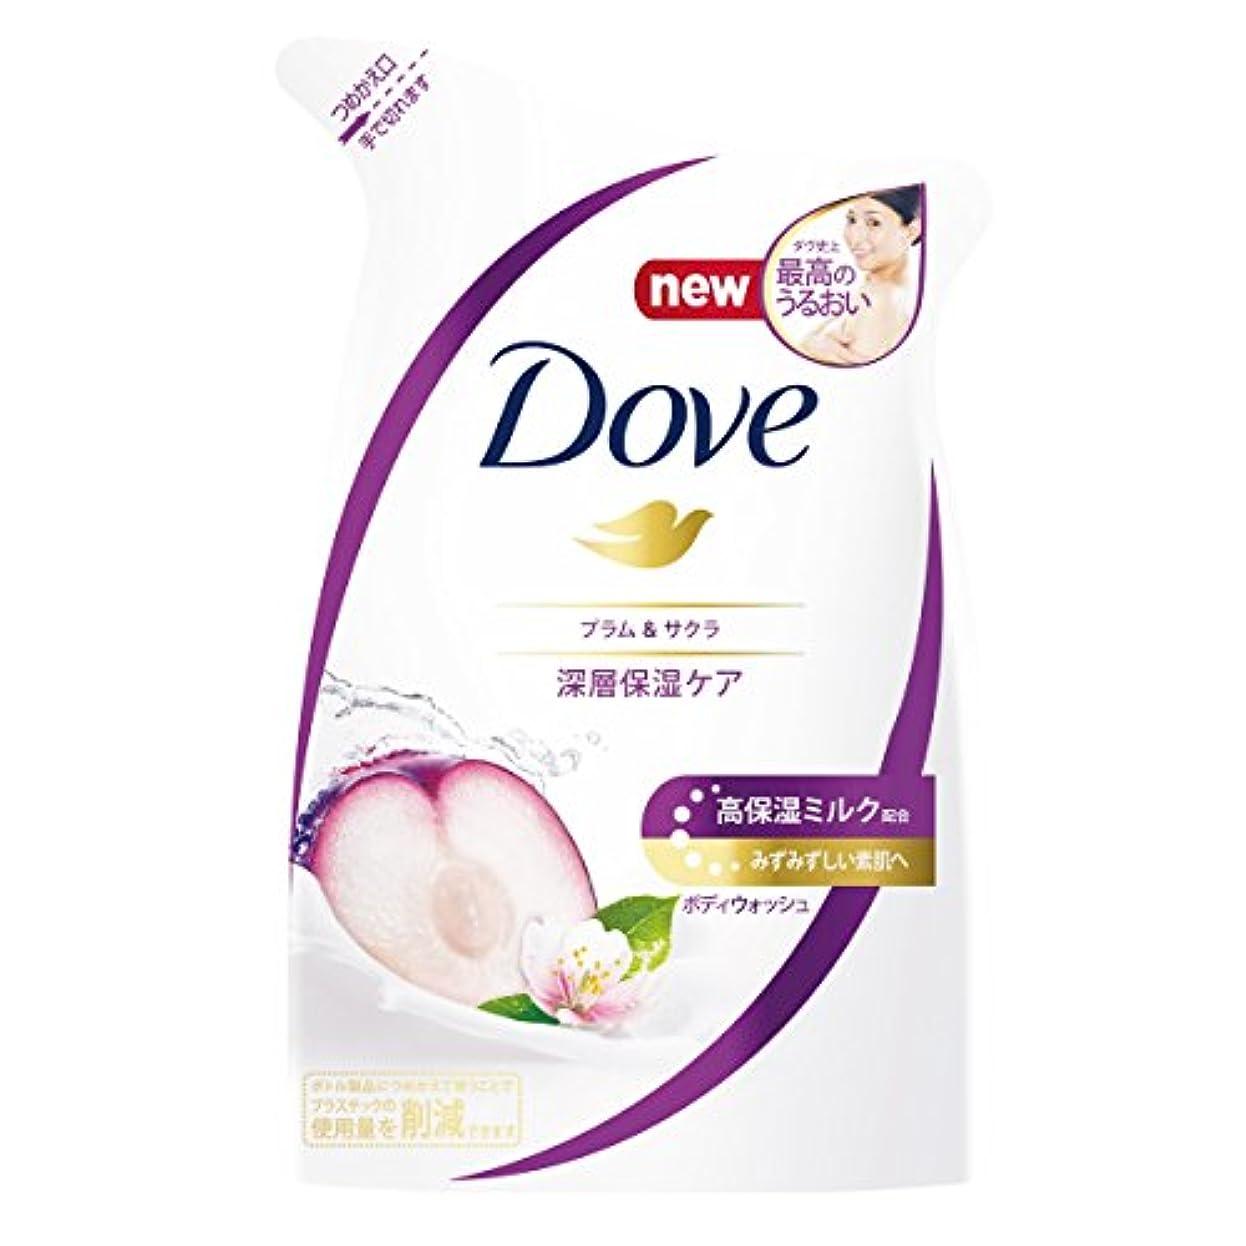 Dove ダヴ ボディウォッシュ プラム & サクラ つめかえ用 360g